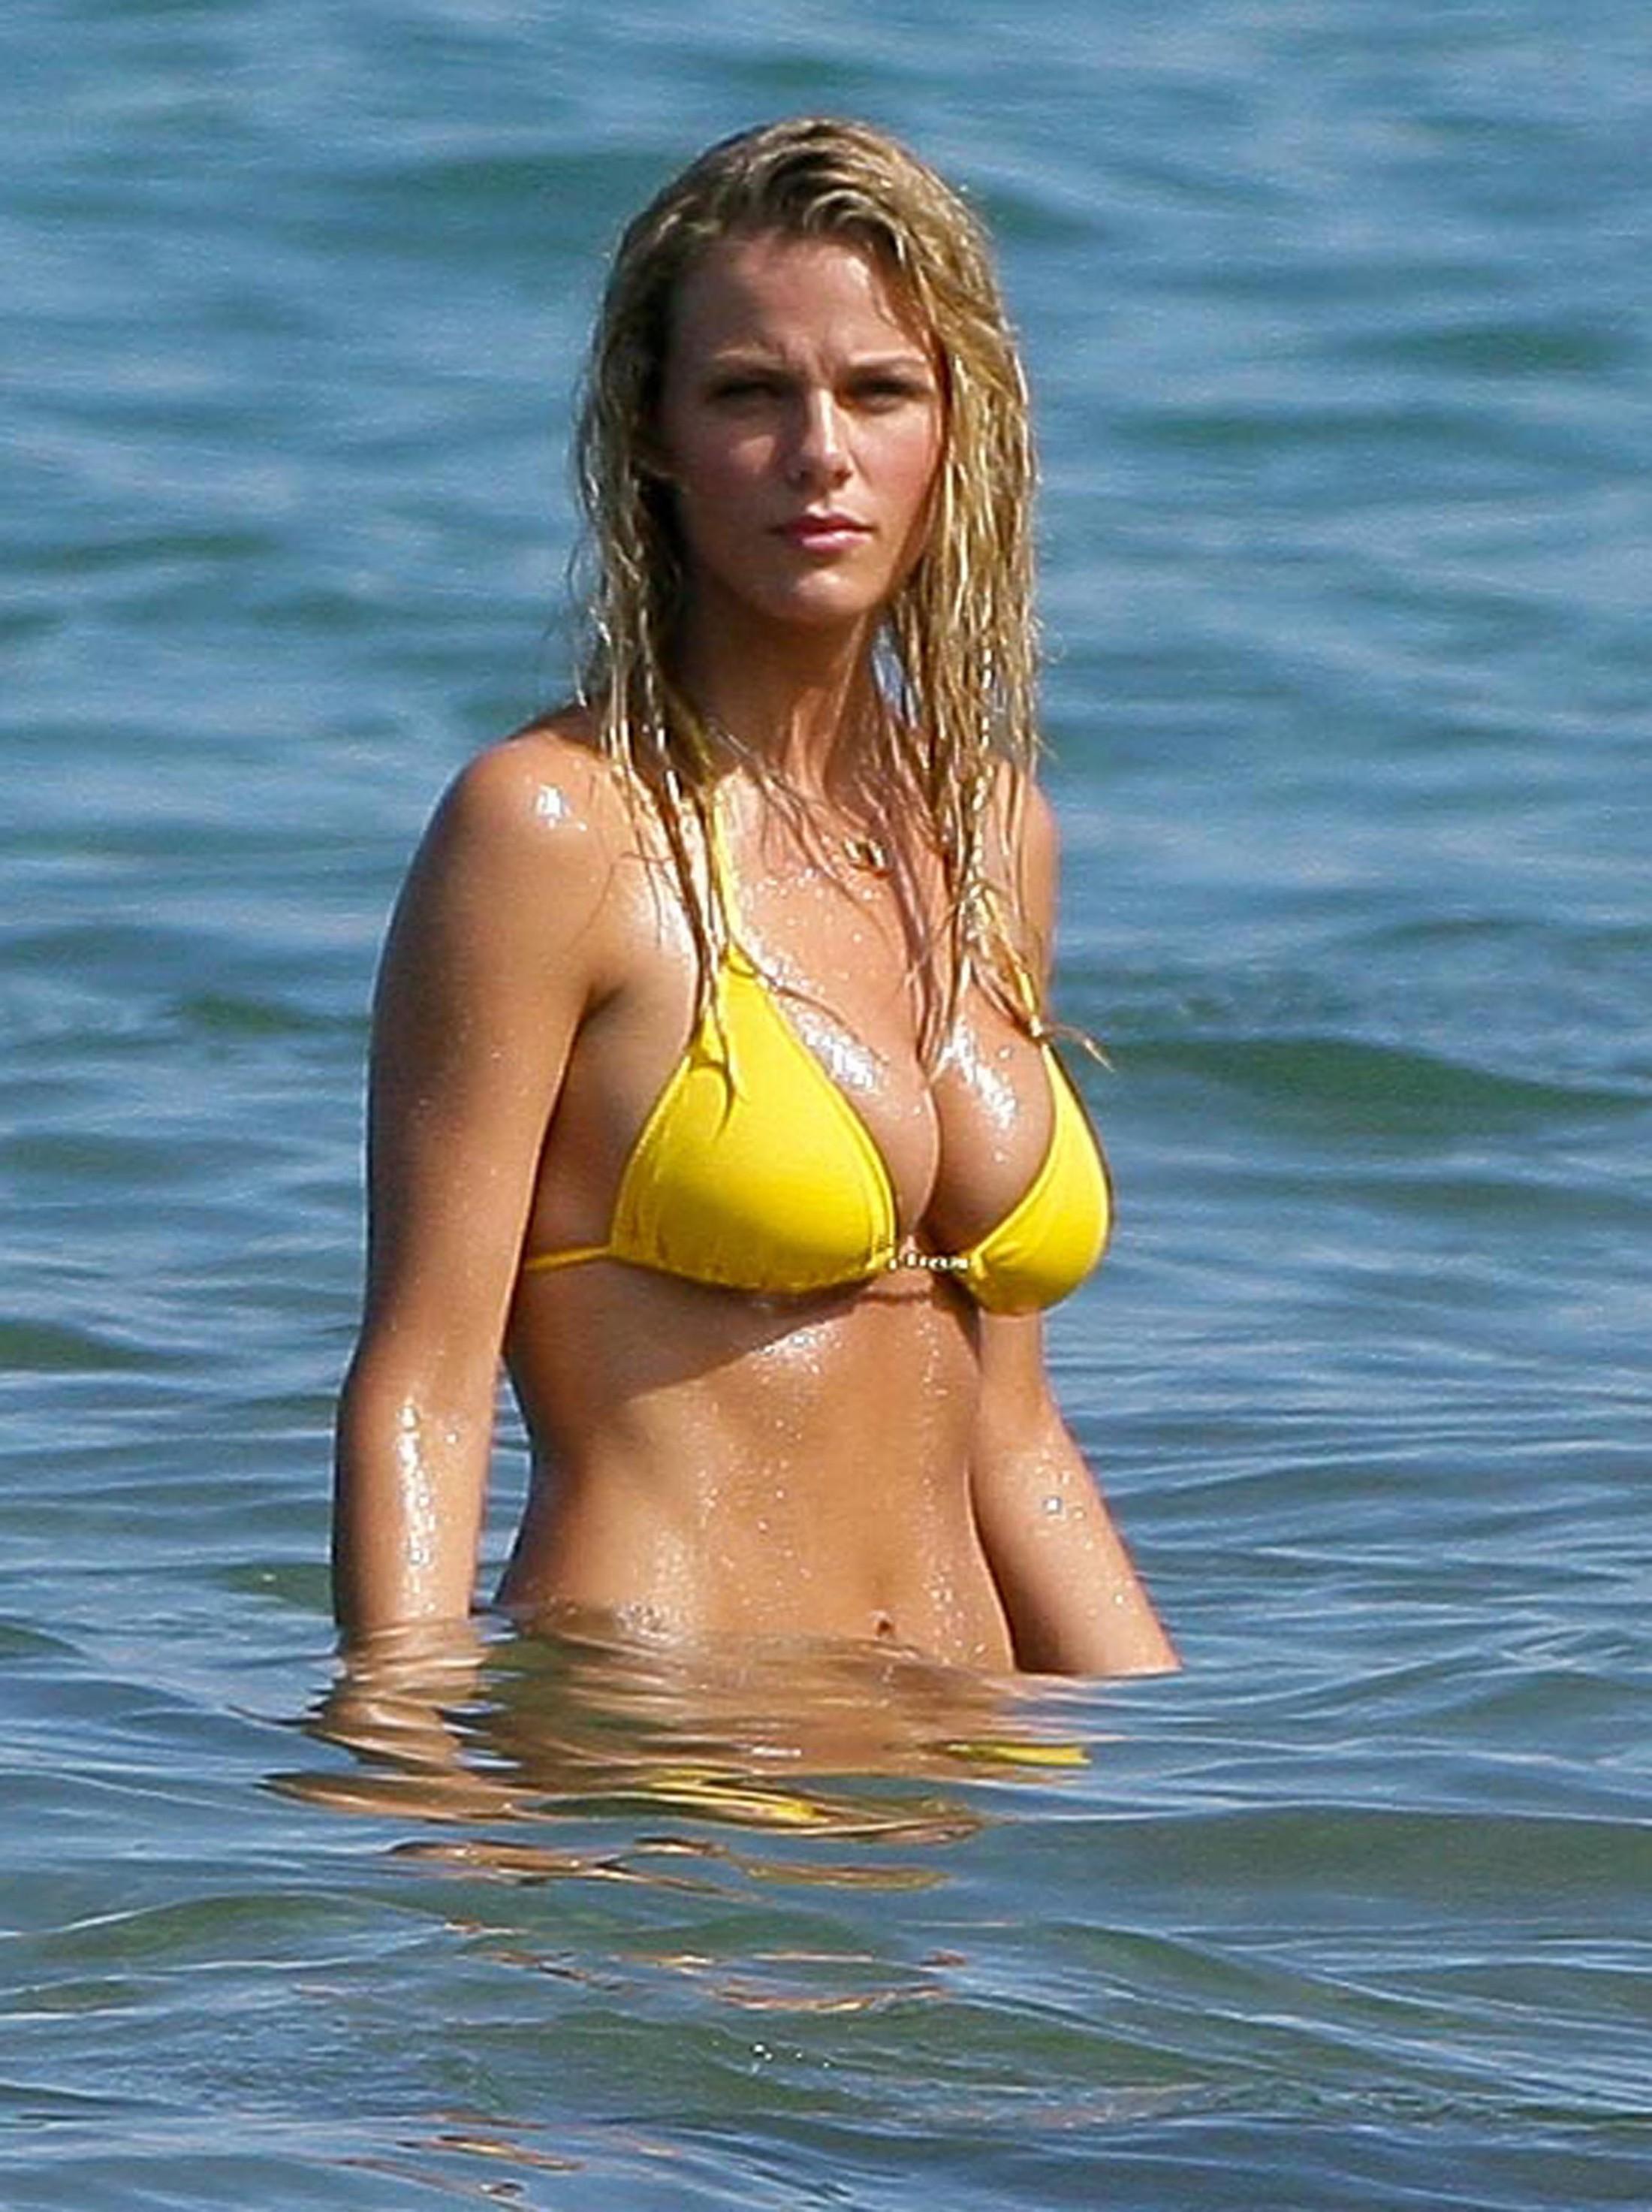 brooklyn-decker-in-yellow-bikini-in-hawaii-hq-05 - GotCeleb